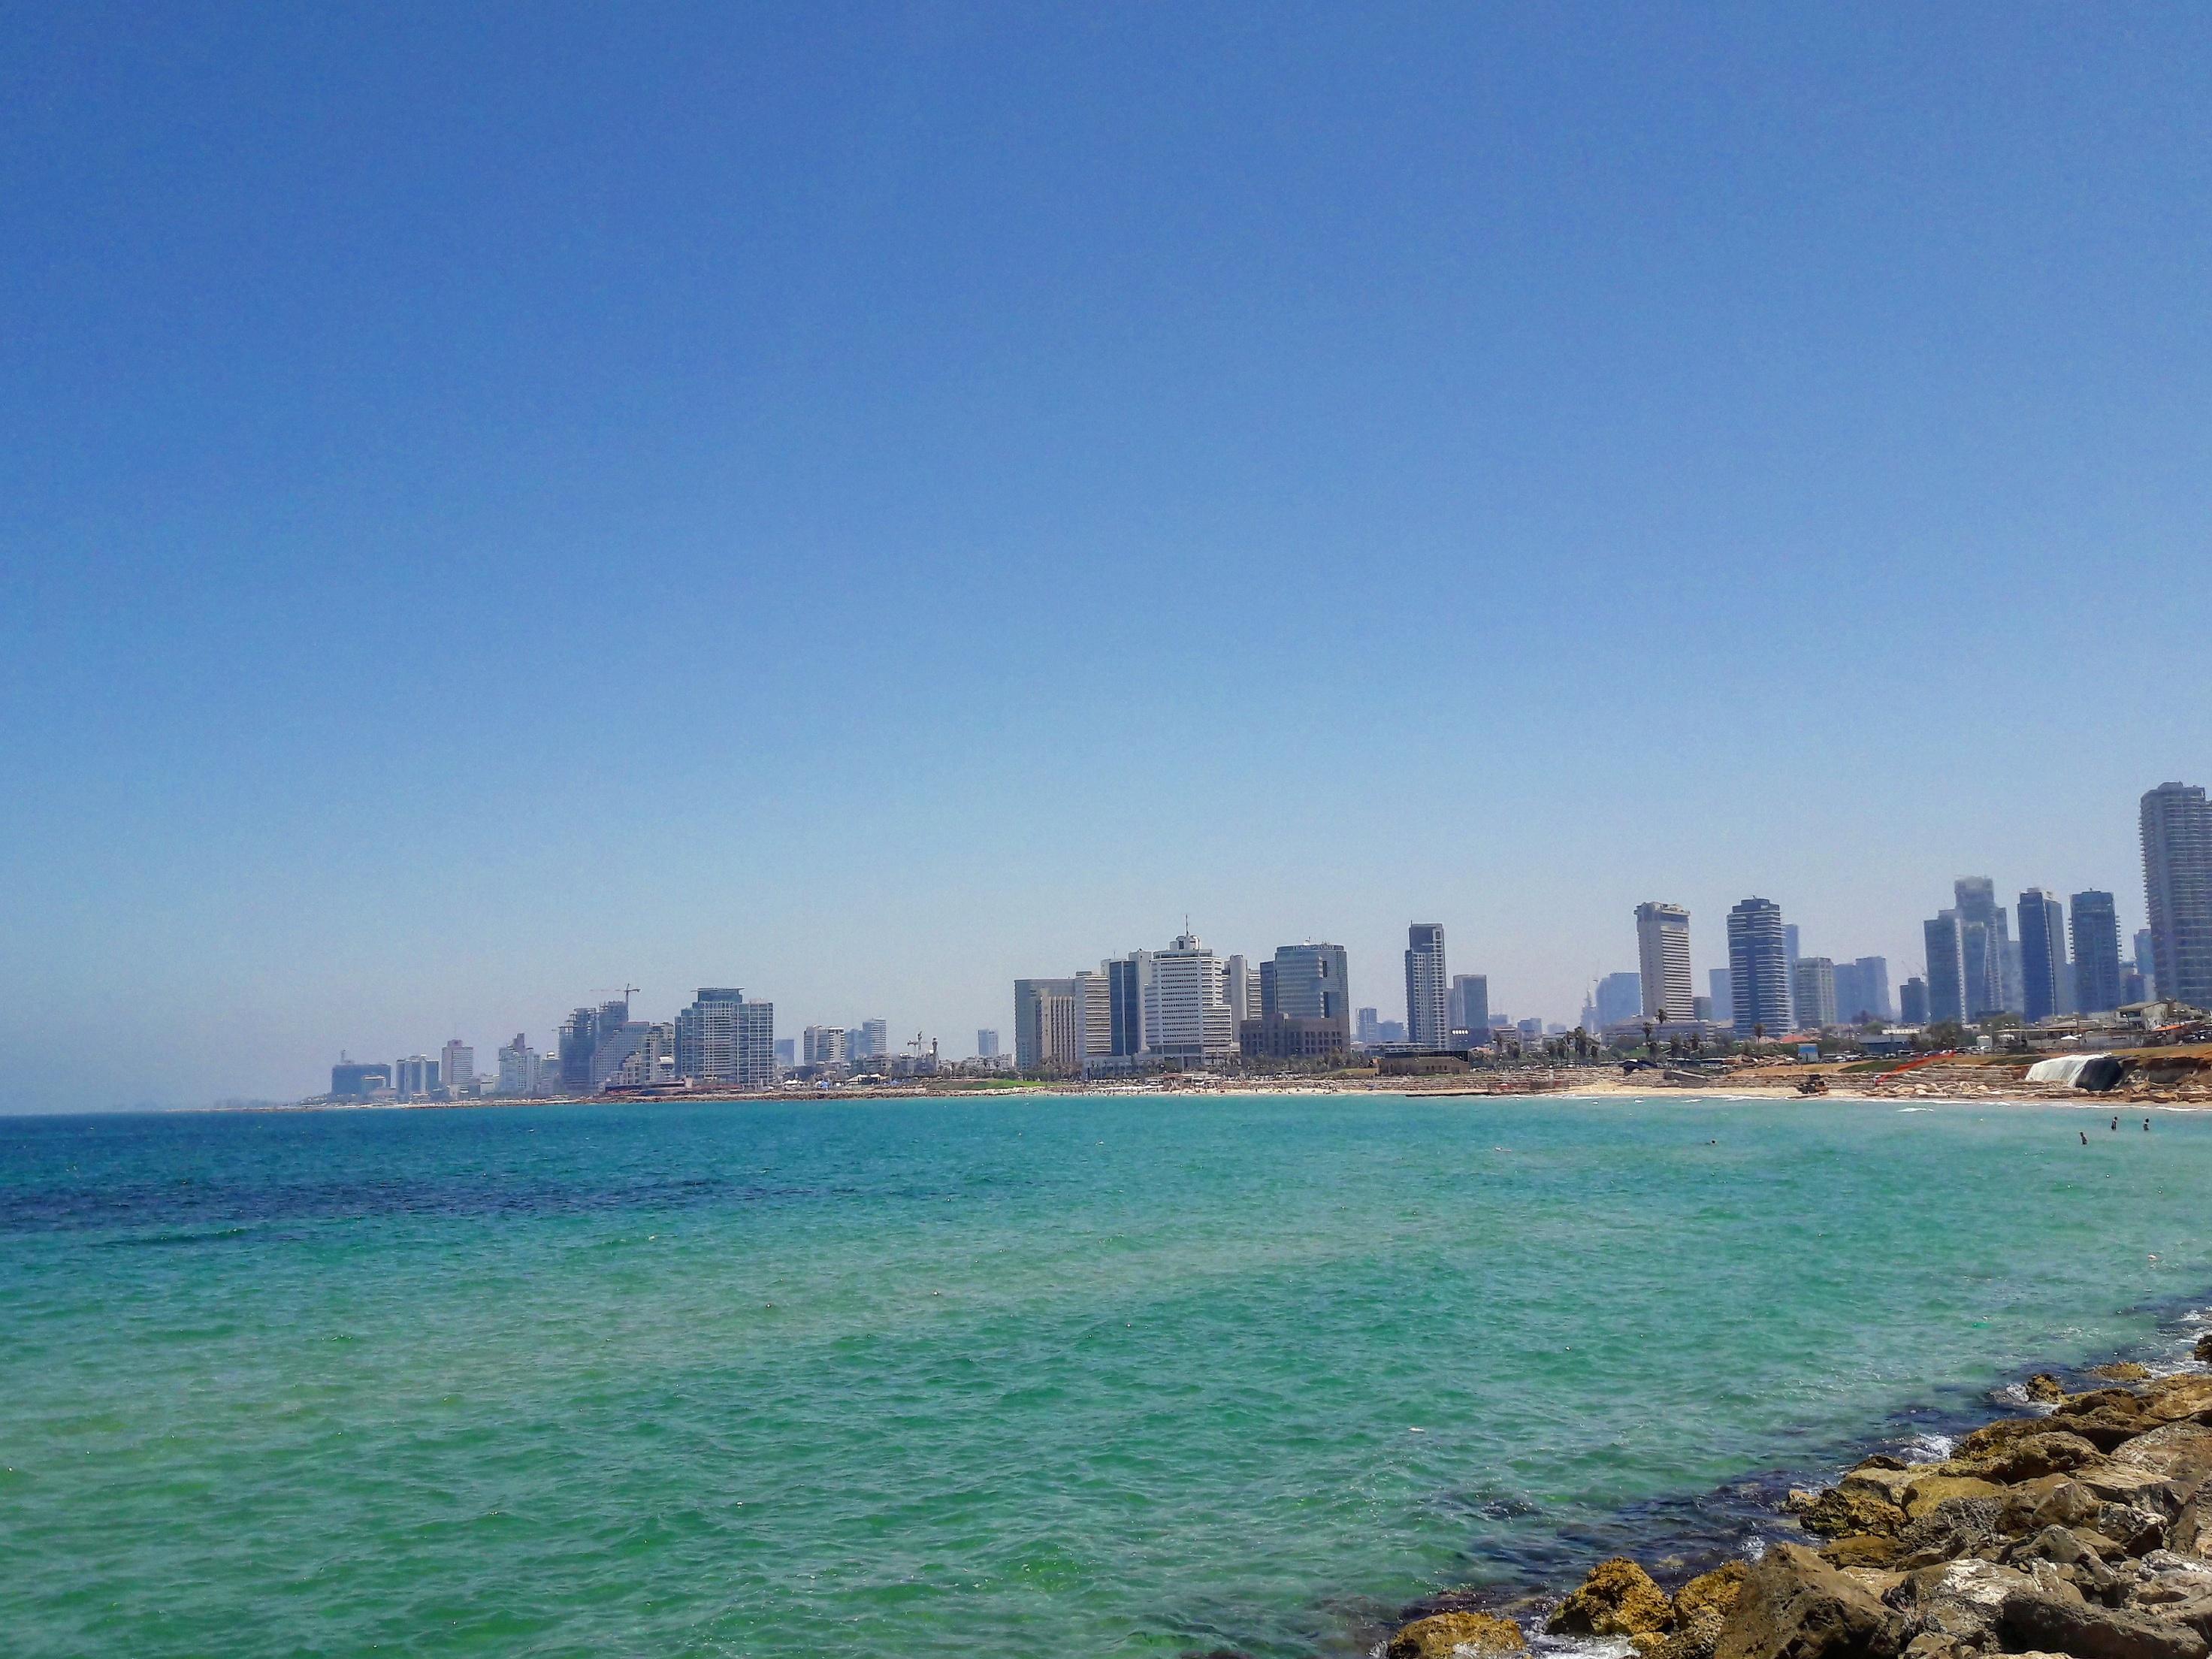 Jaffából a kilátás a city-re